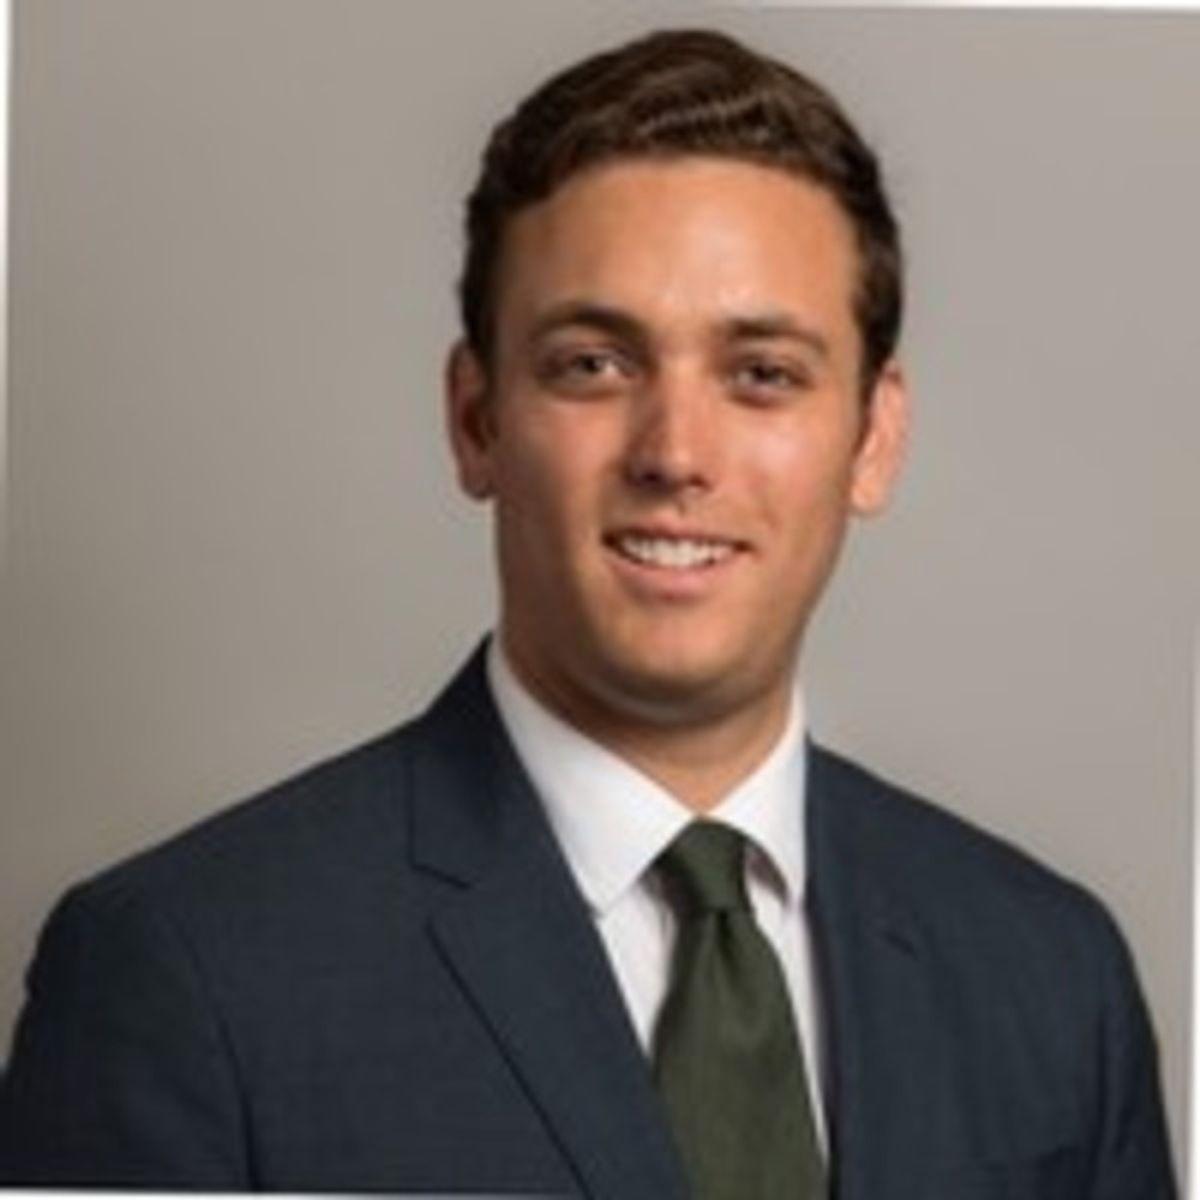 Photo of Daniel Kaplan, Associate at Generator Ventures